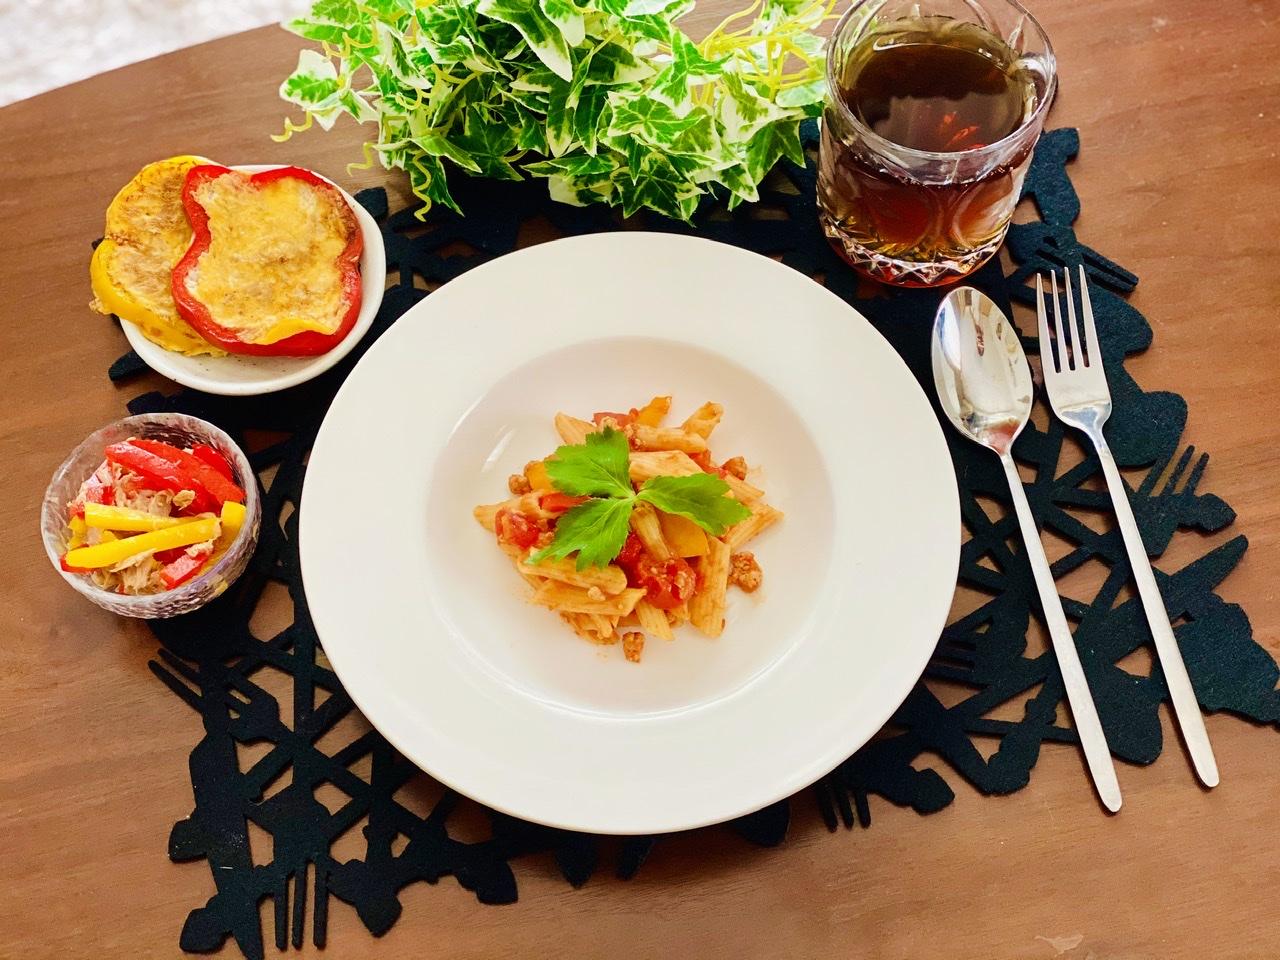 【今月のお家ごはん】アラサー女子の食卓!作り置きおかずでラク晩ご飯♡-Vol.17-_3